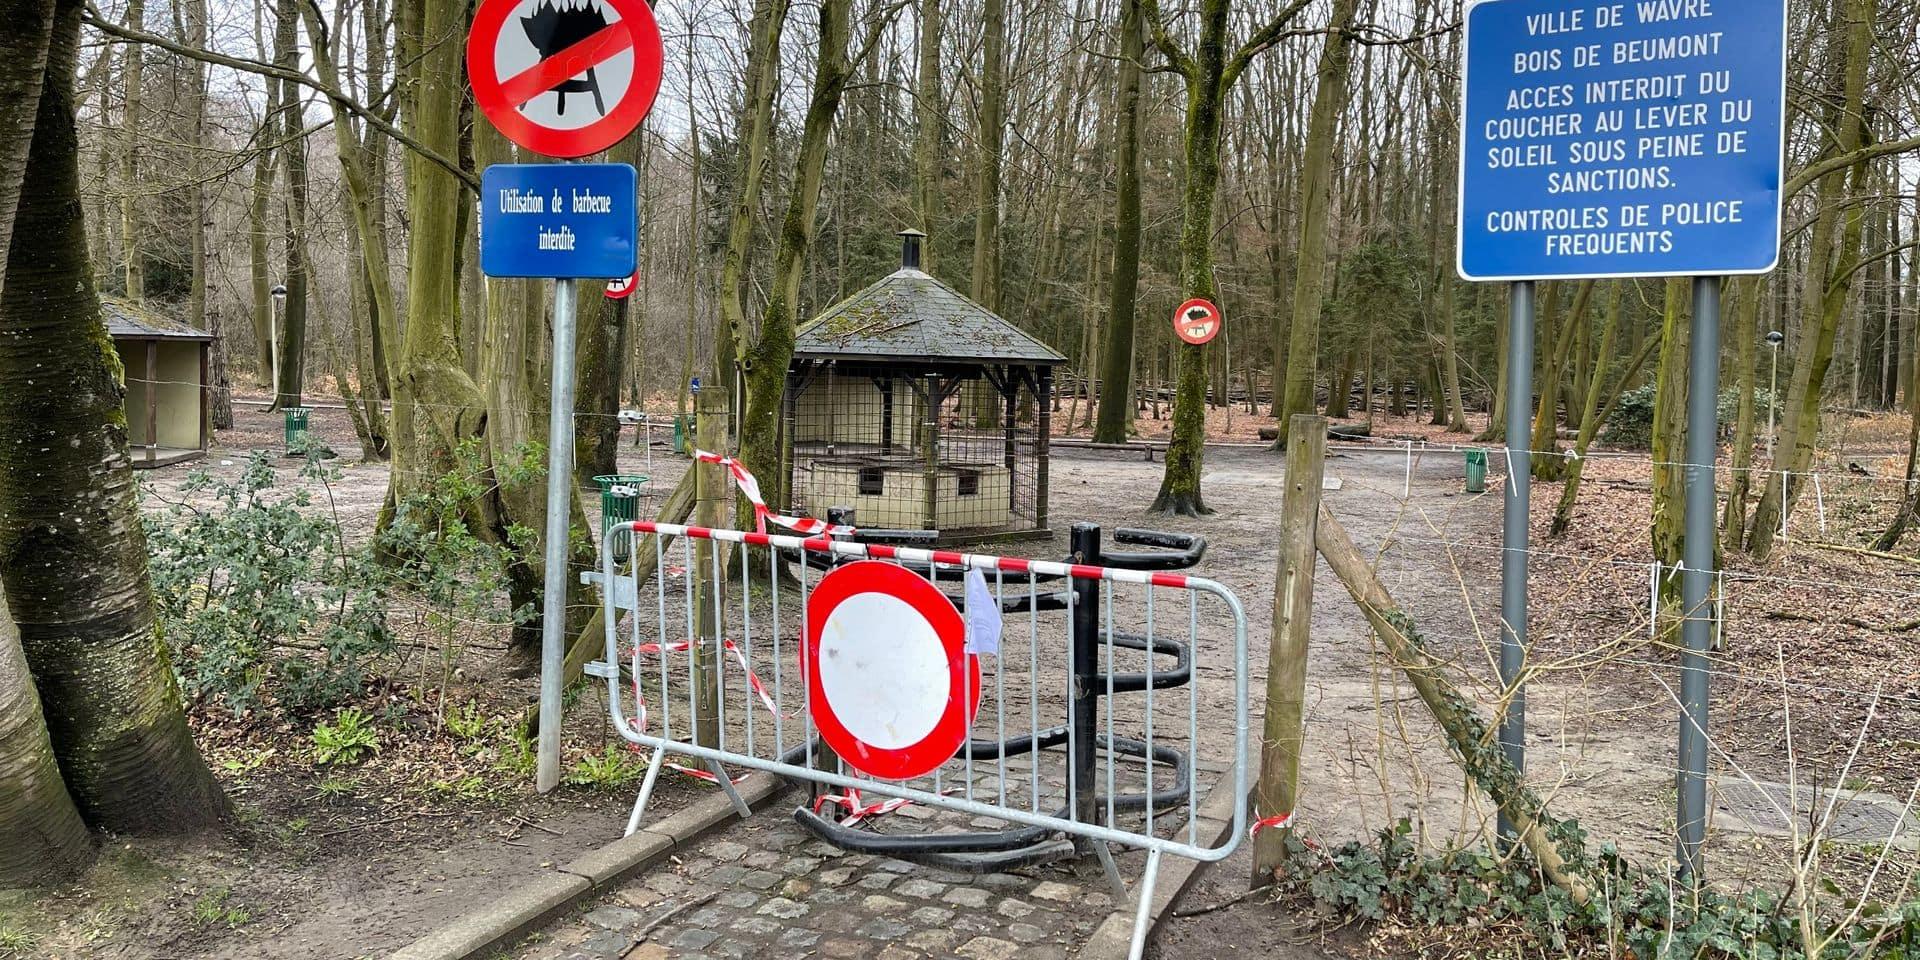 La fermeture du Bois de Beumont prolongée de deux semaines à Wavre